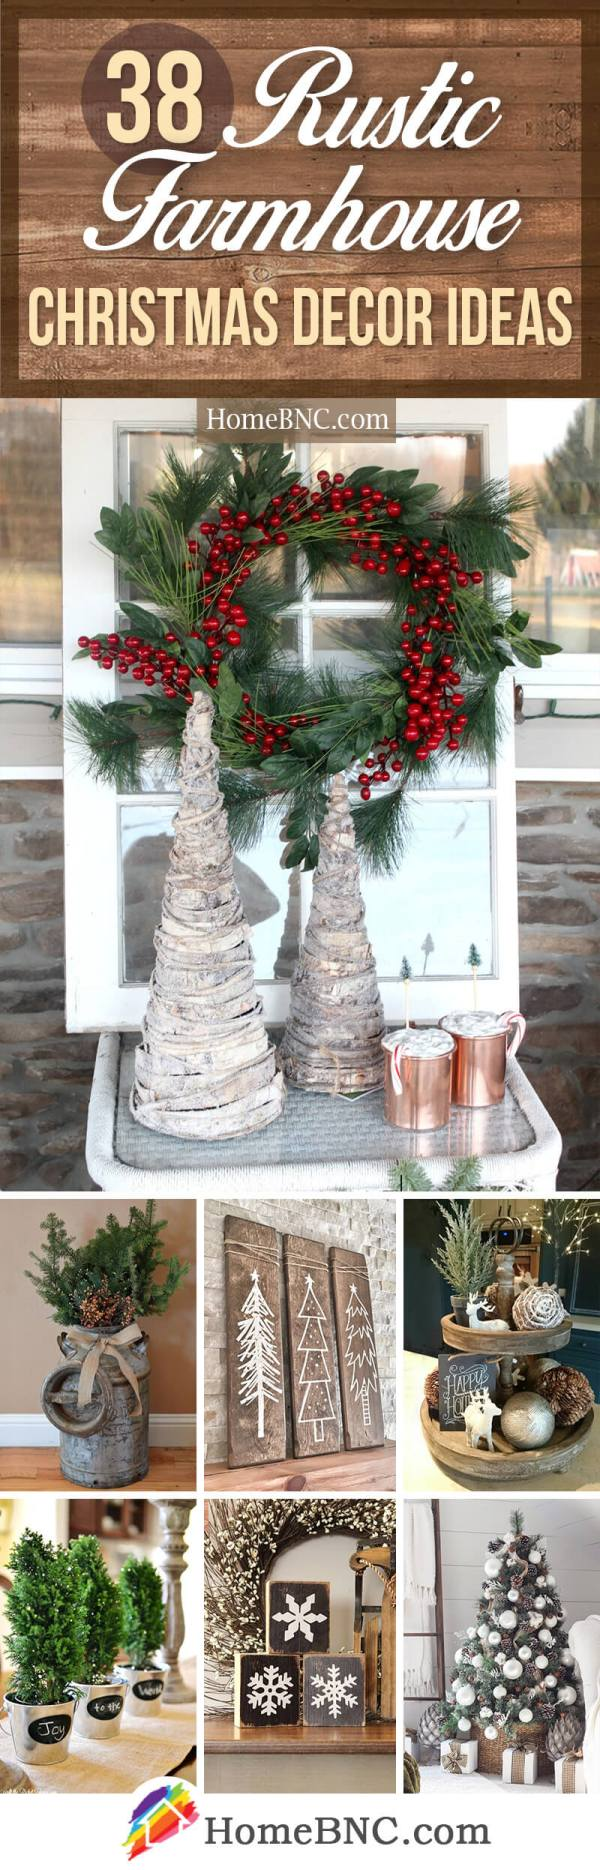 Rustic Farmhouse Christmas Decor Ideas